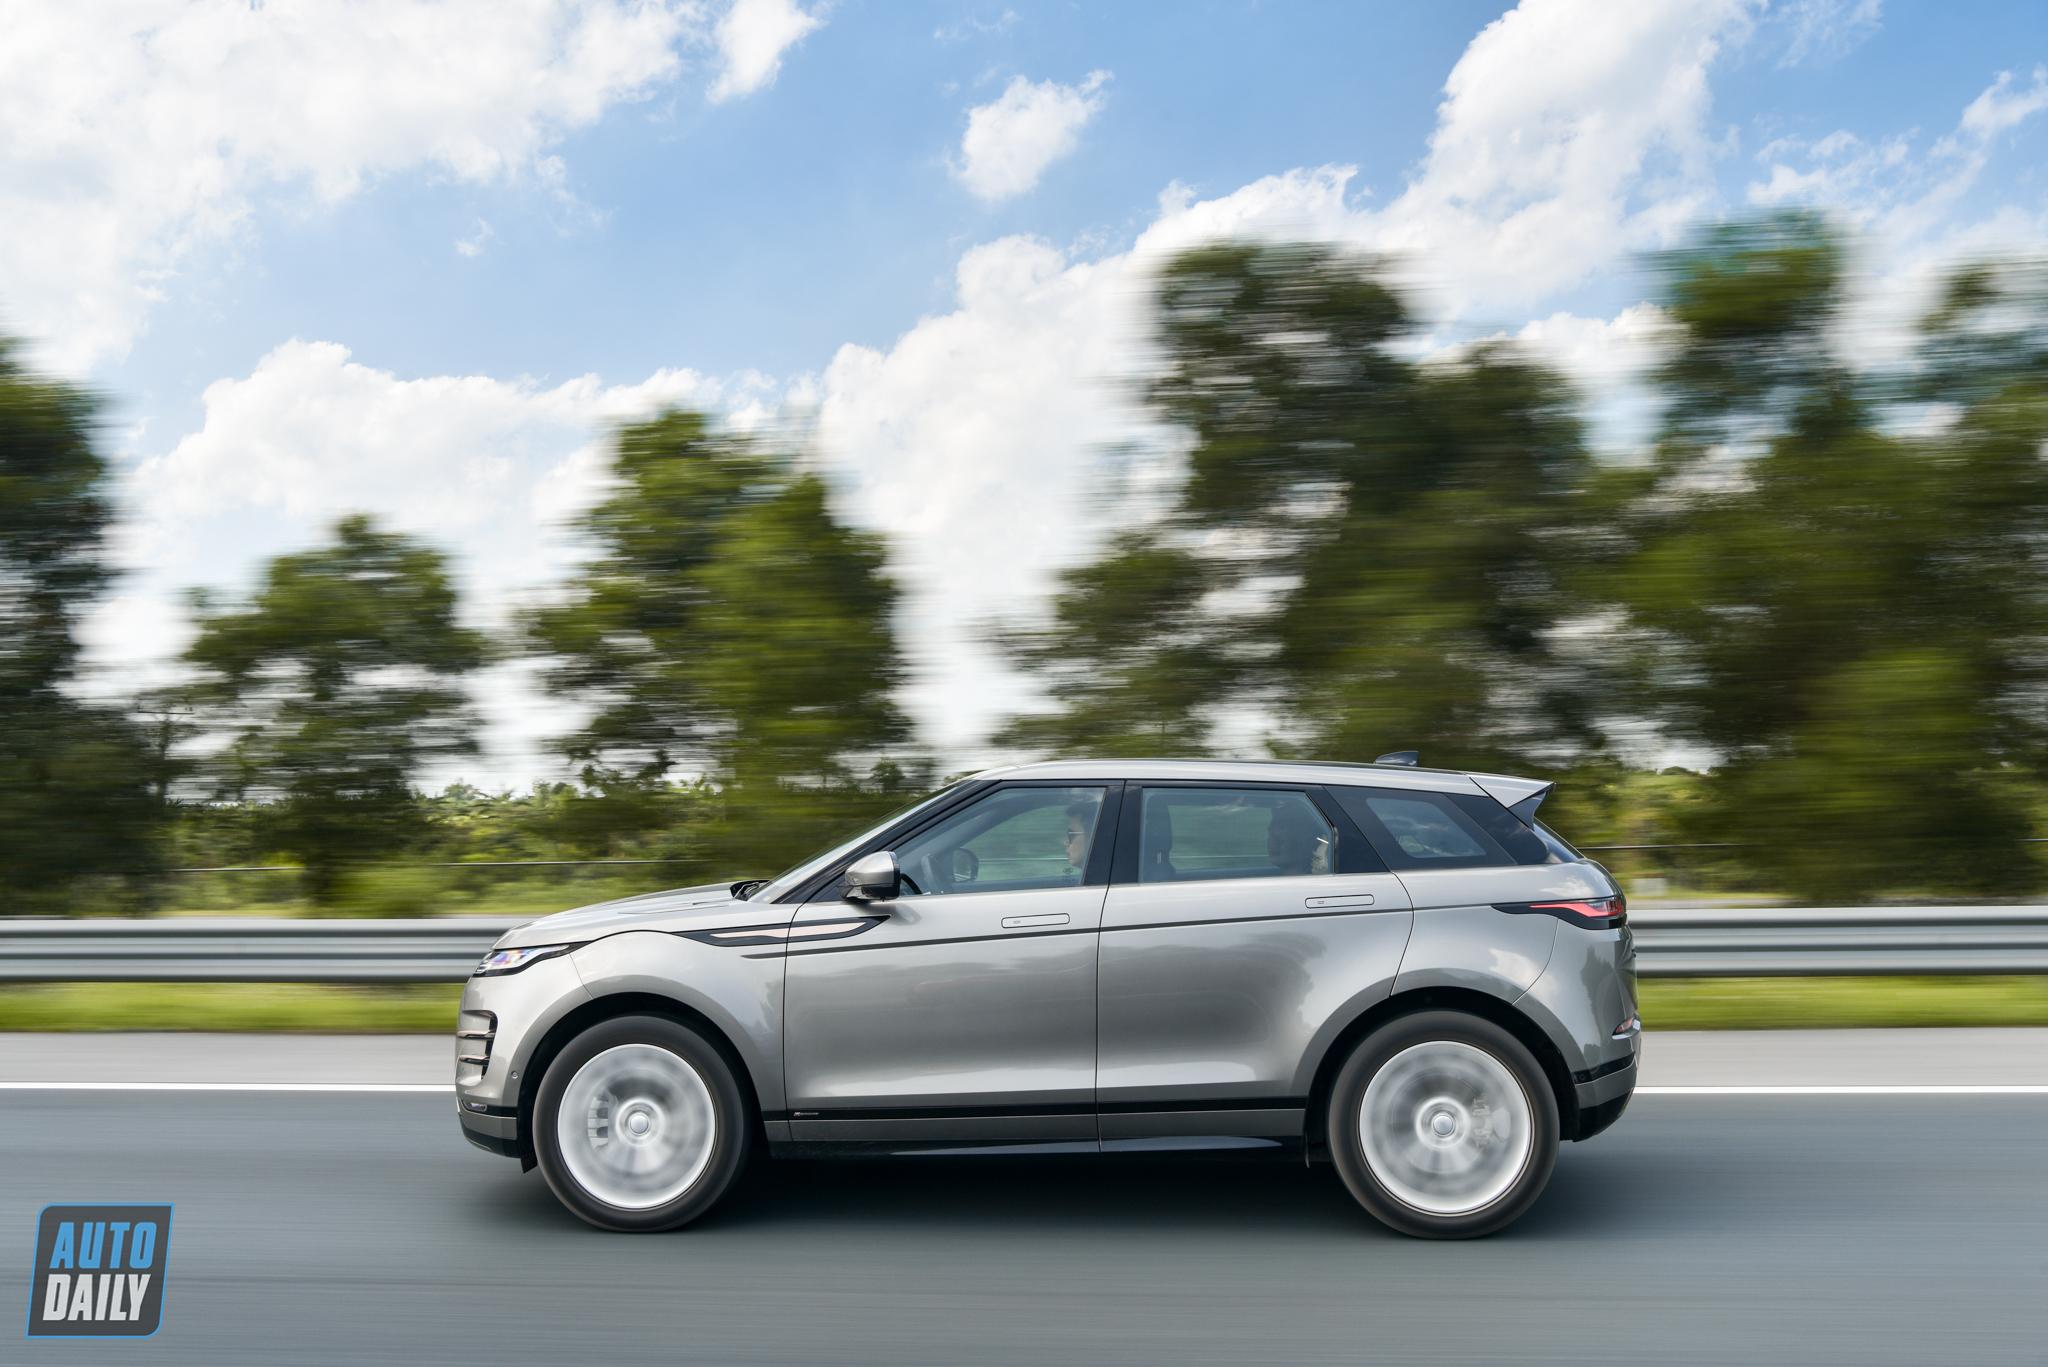 range-rover-evoque-2020-autodaily-42.jpg